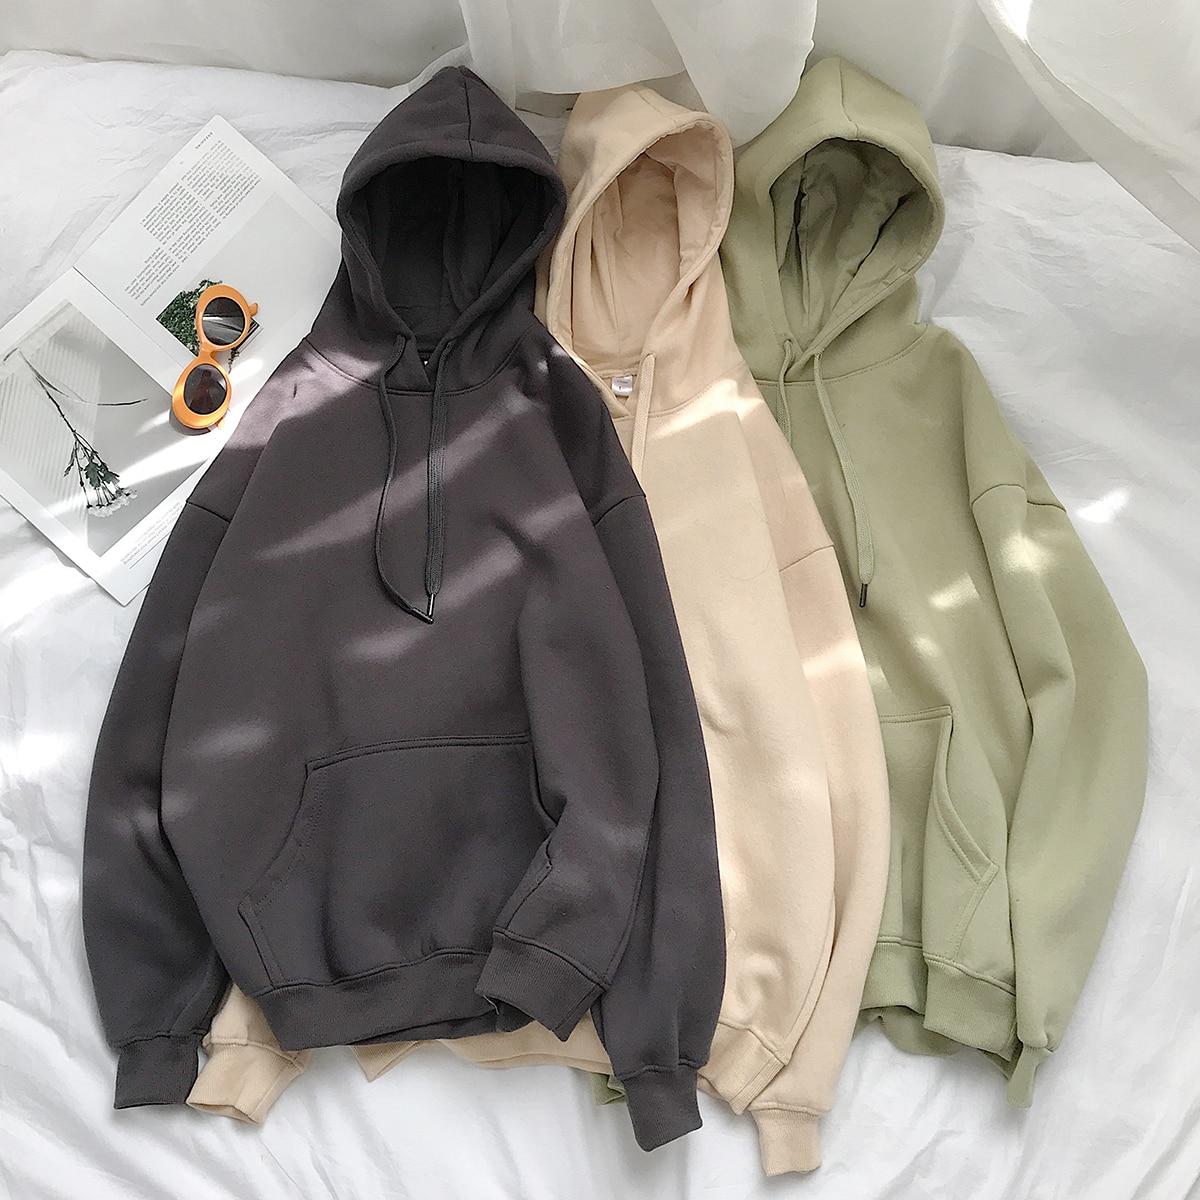 Женские однотонные толстовки 12 цветов, корейские женские пуловеры с капюшоном, 2020 хлопок, плотные теплые толстовки большого размера для жен...